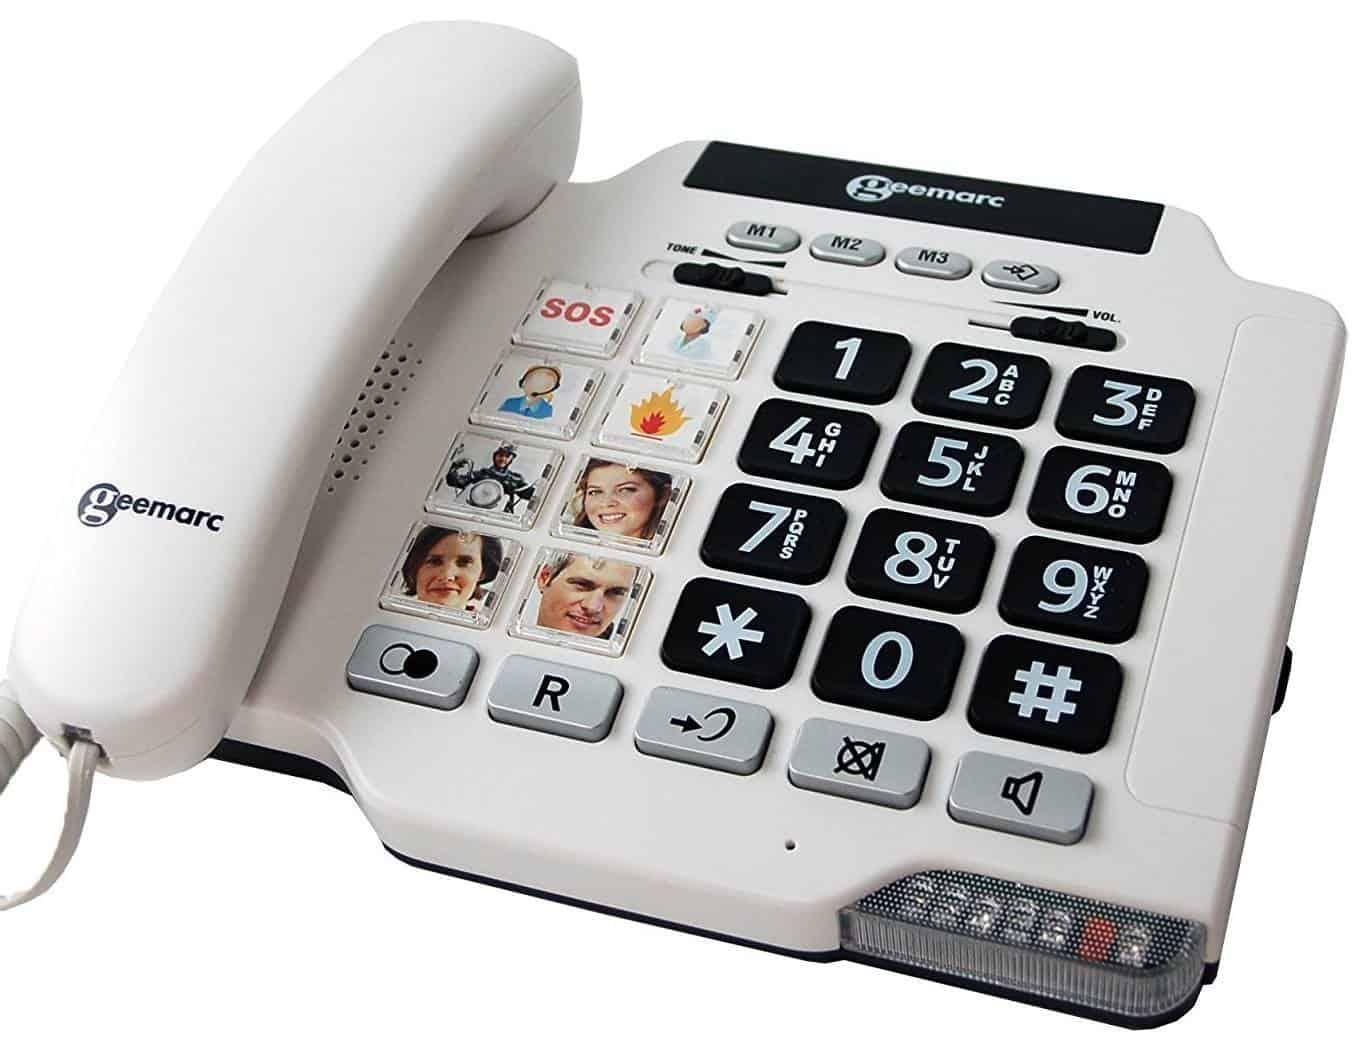 Best Landline Phone for the Elderly – Geemarc